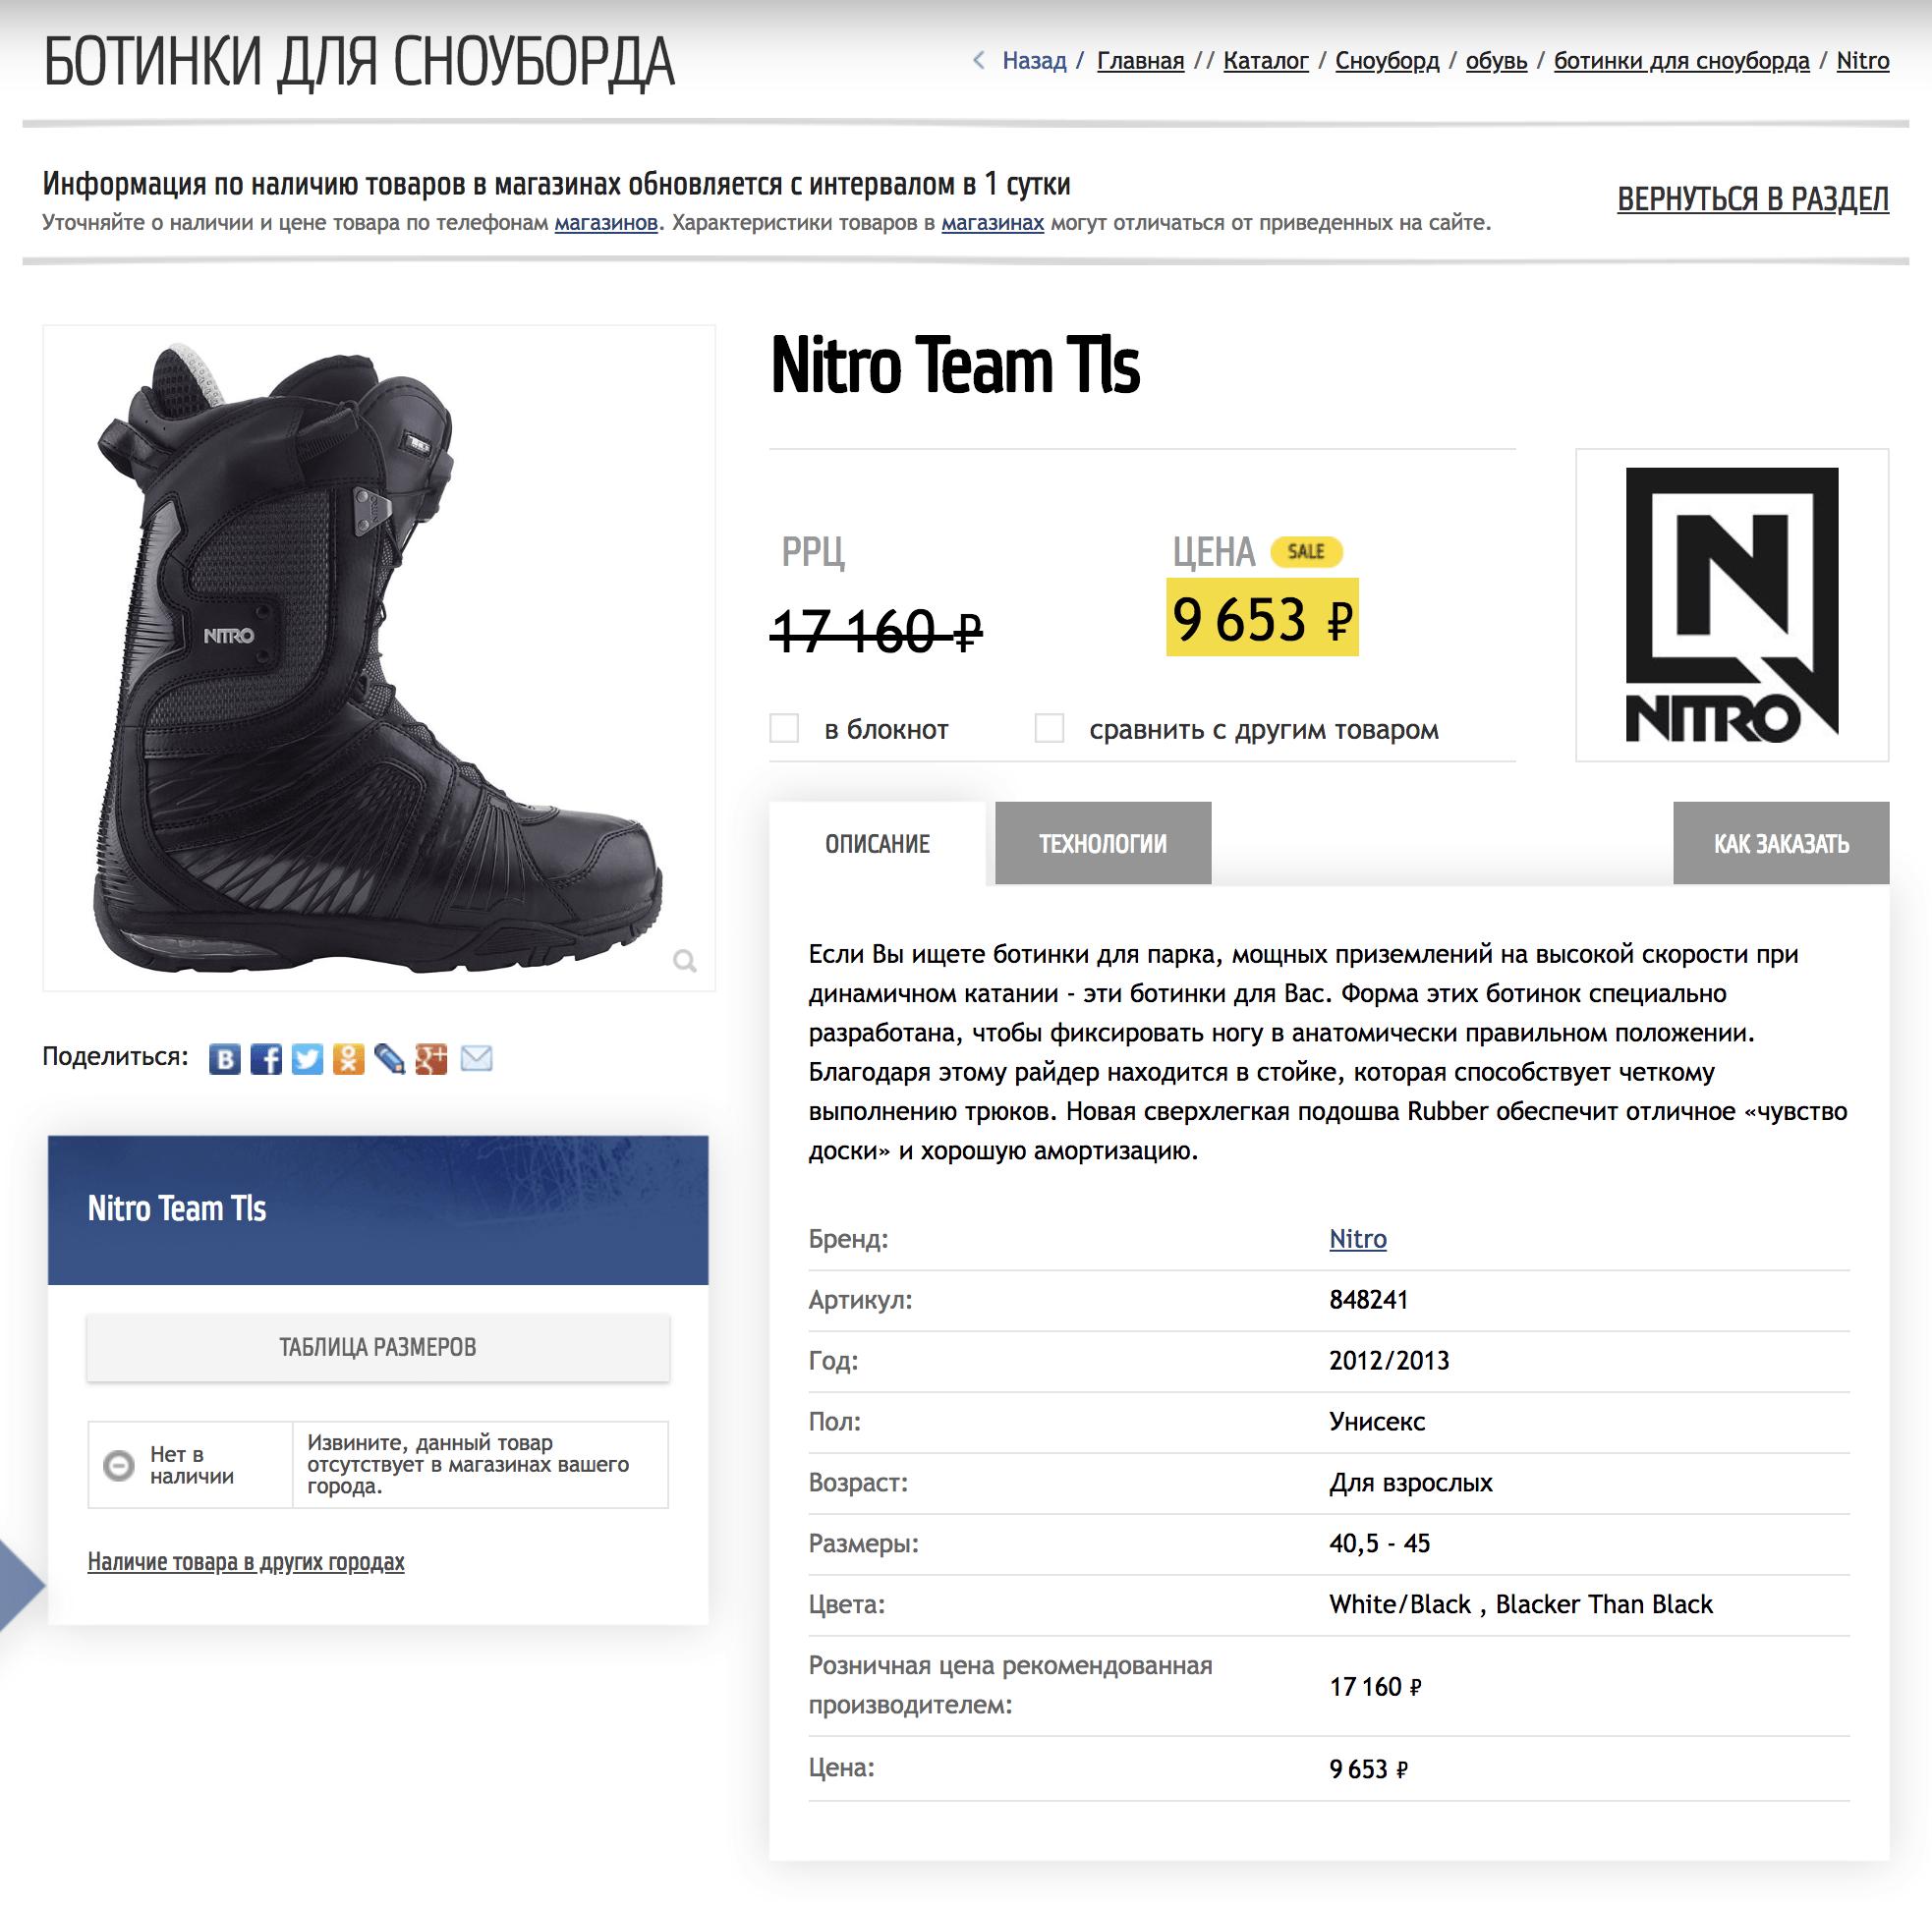 Новые ботинки той же фирмы в интернет-магазине за 9653<span class=ruble>Р</span>. Источник: Триал-спорт